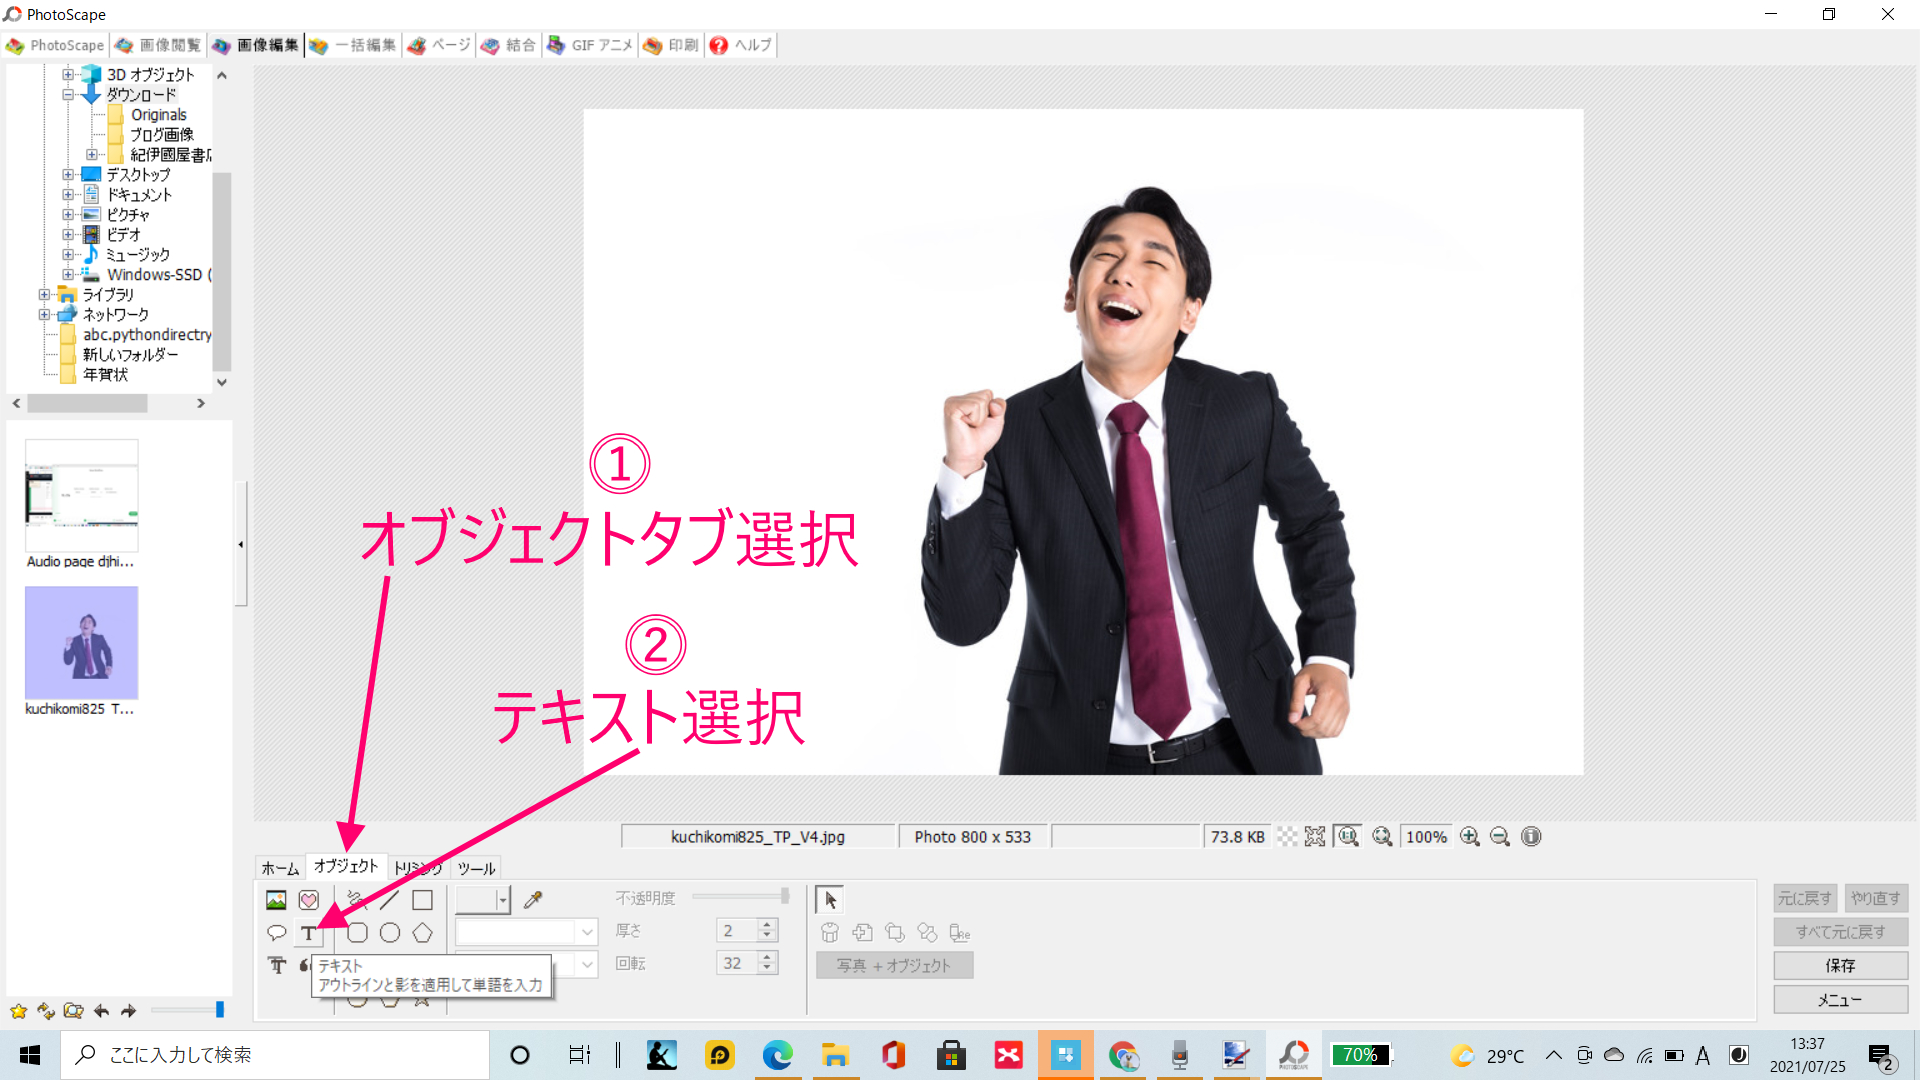 photoscape 画像編集画面2.png